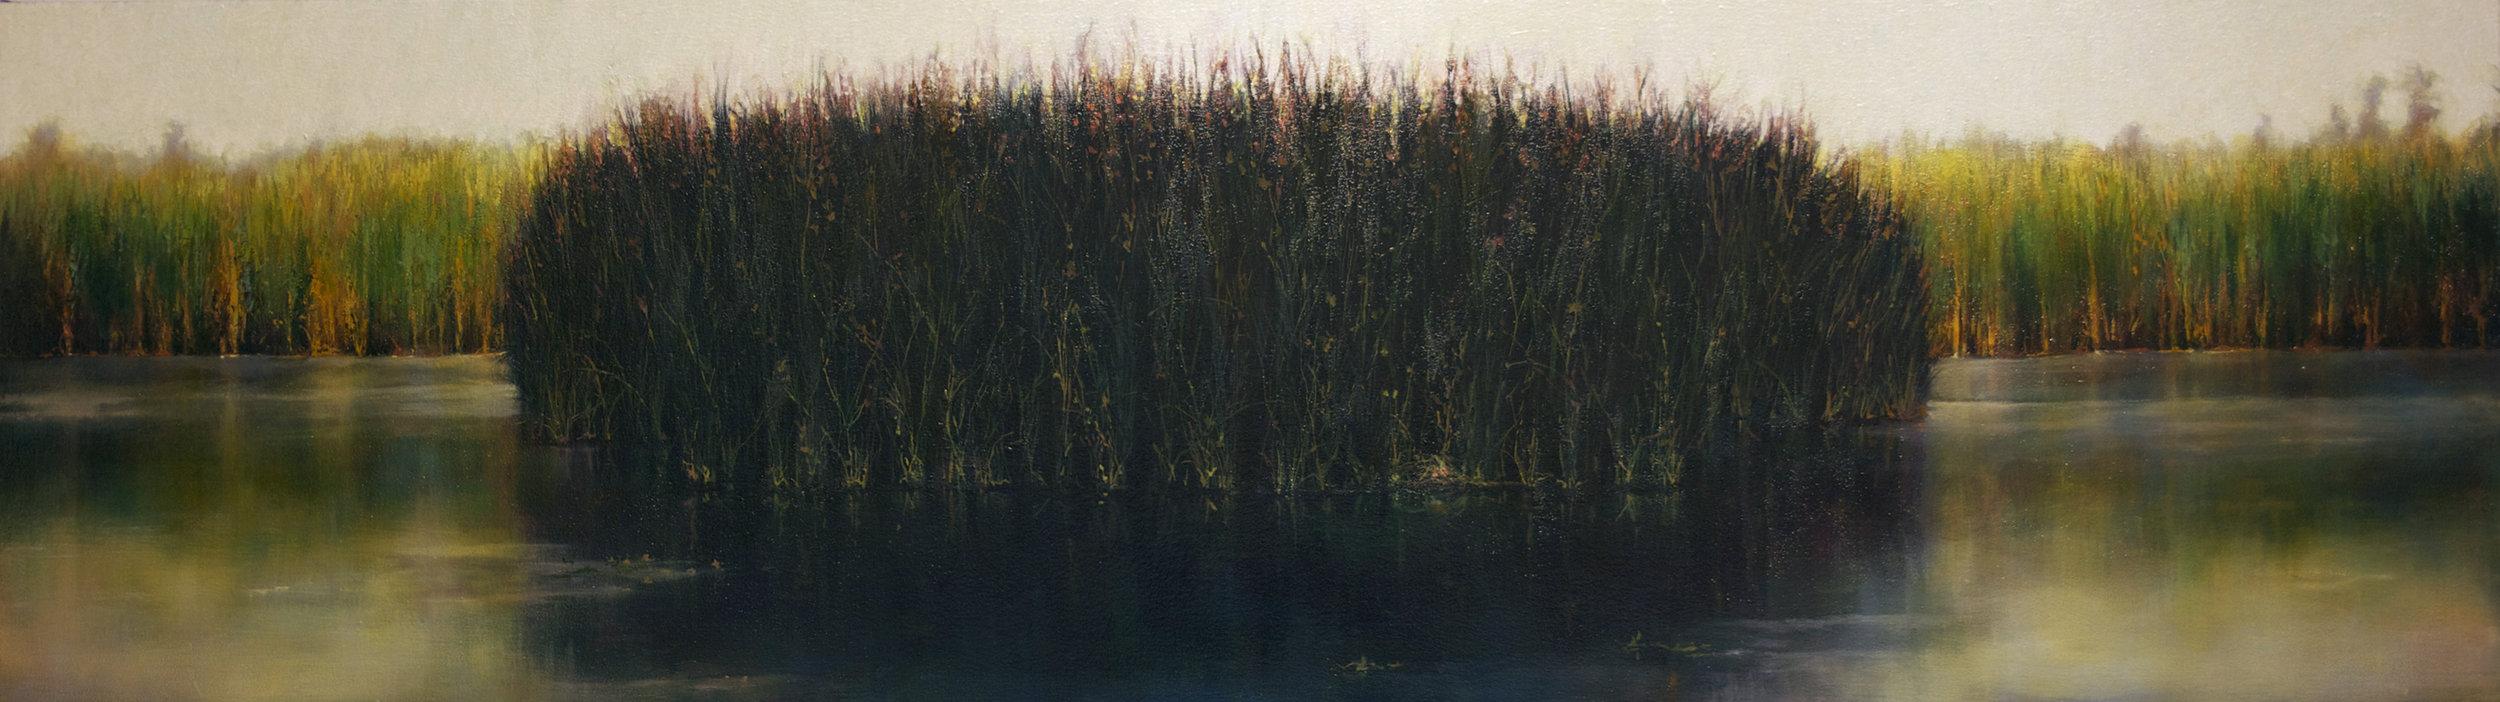 Refuge, 2012